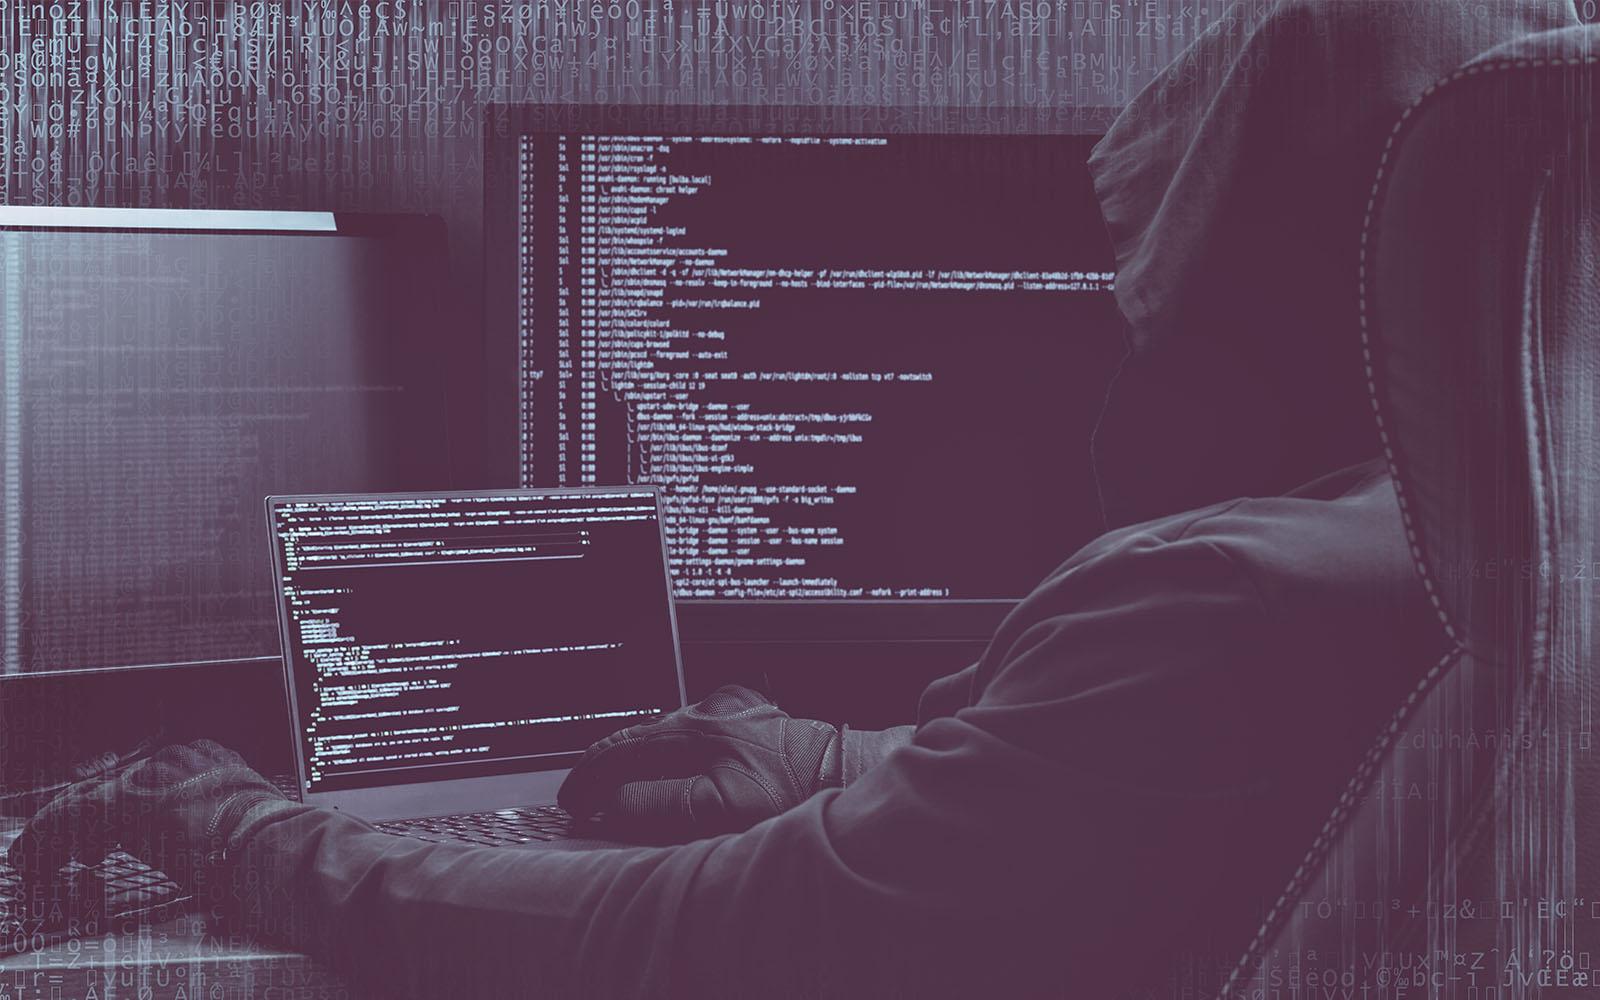 ¿Cómo recuperar archivos infectados por virus?